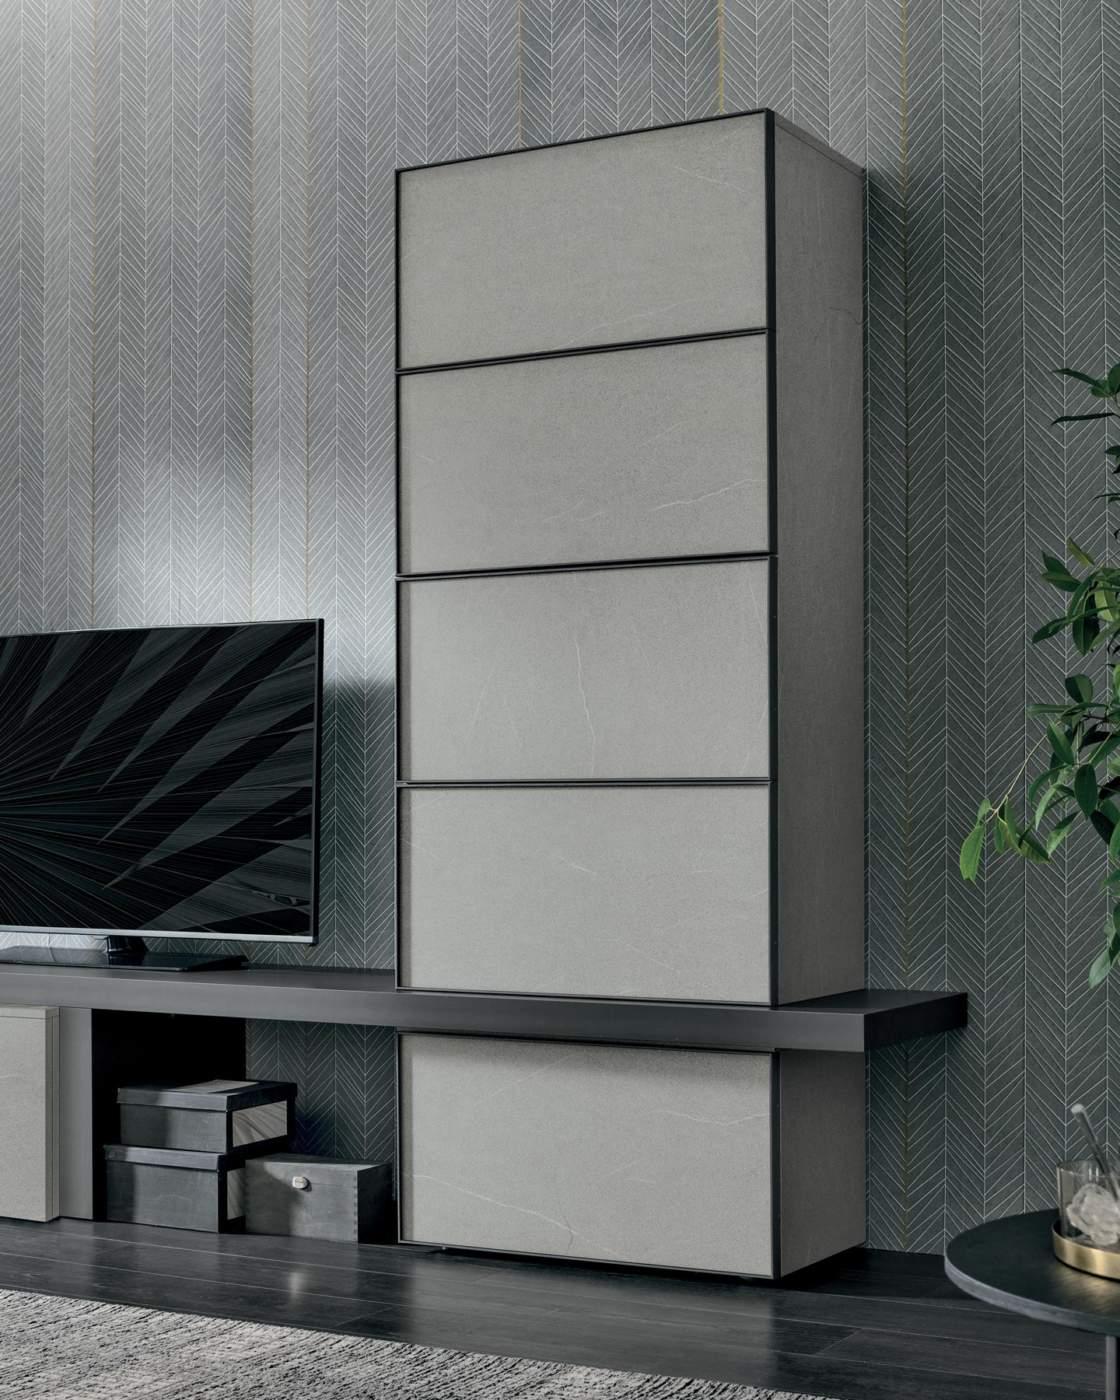 Tomasella atlante living room combination // Atlante nappali kombináció